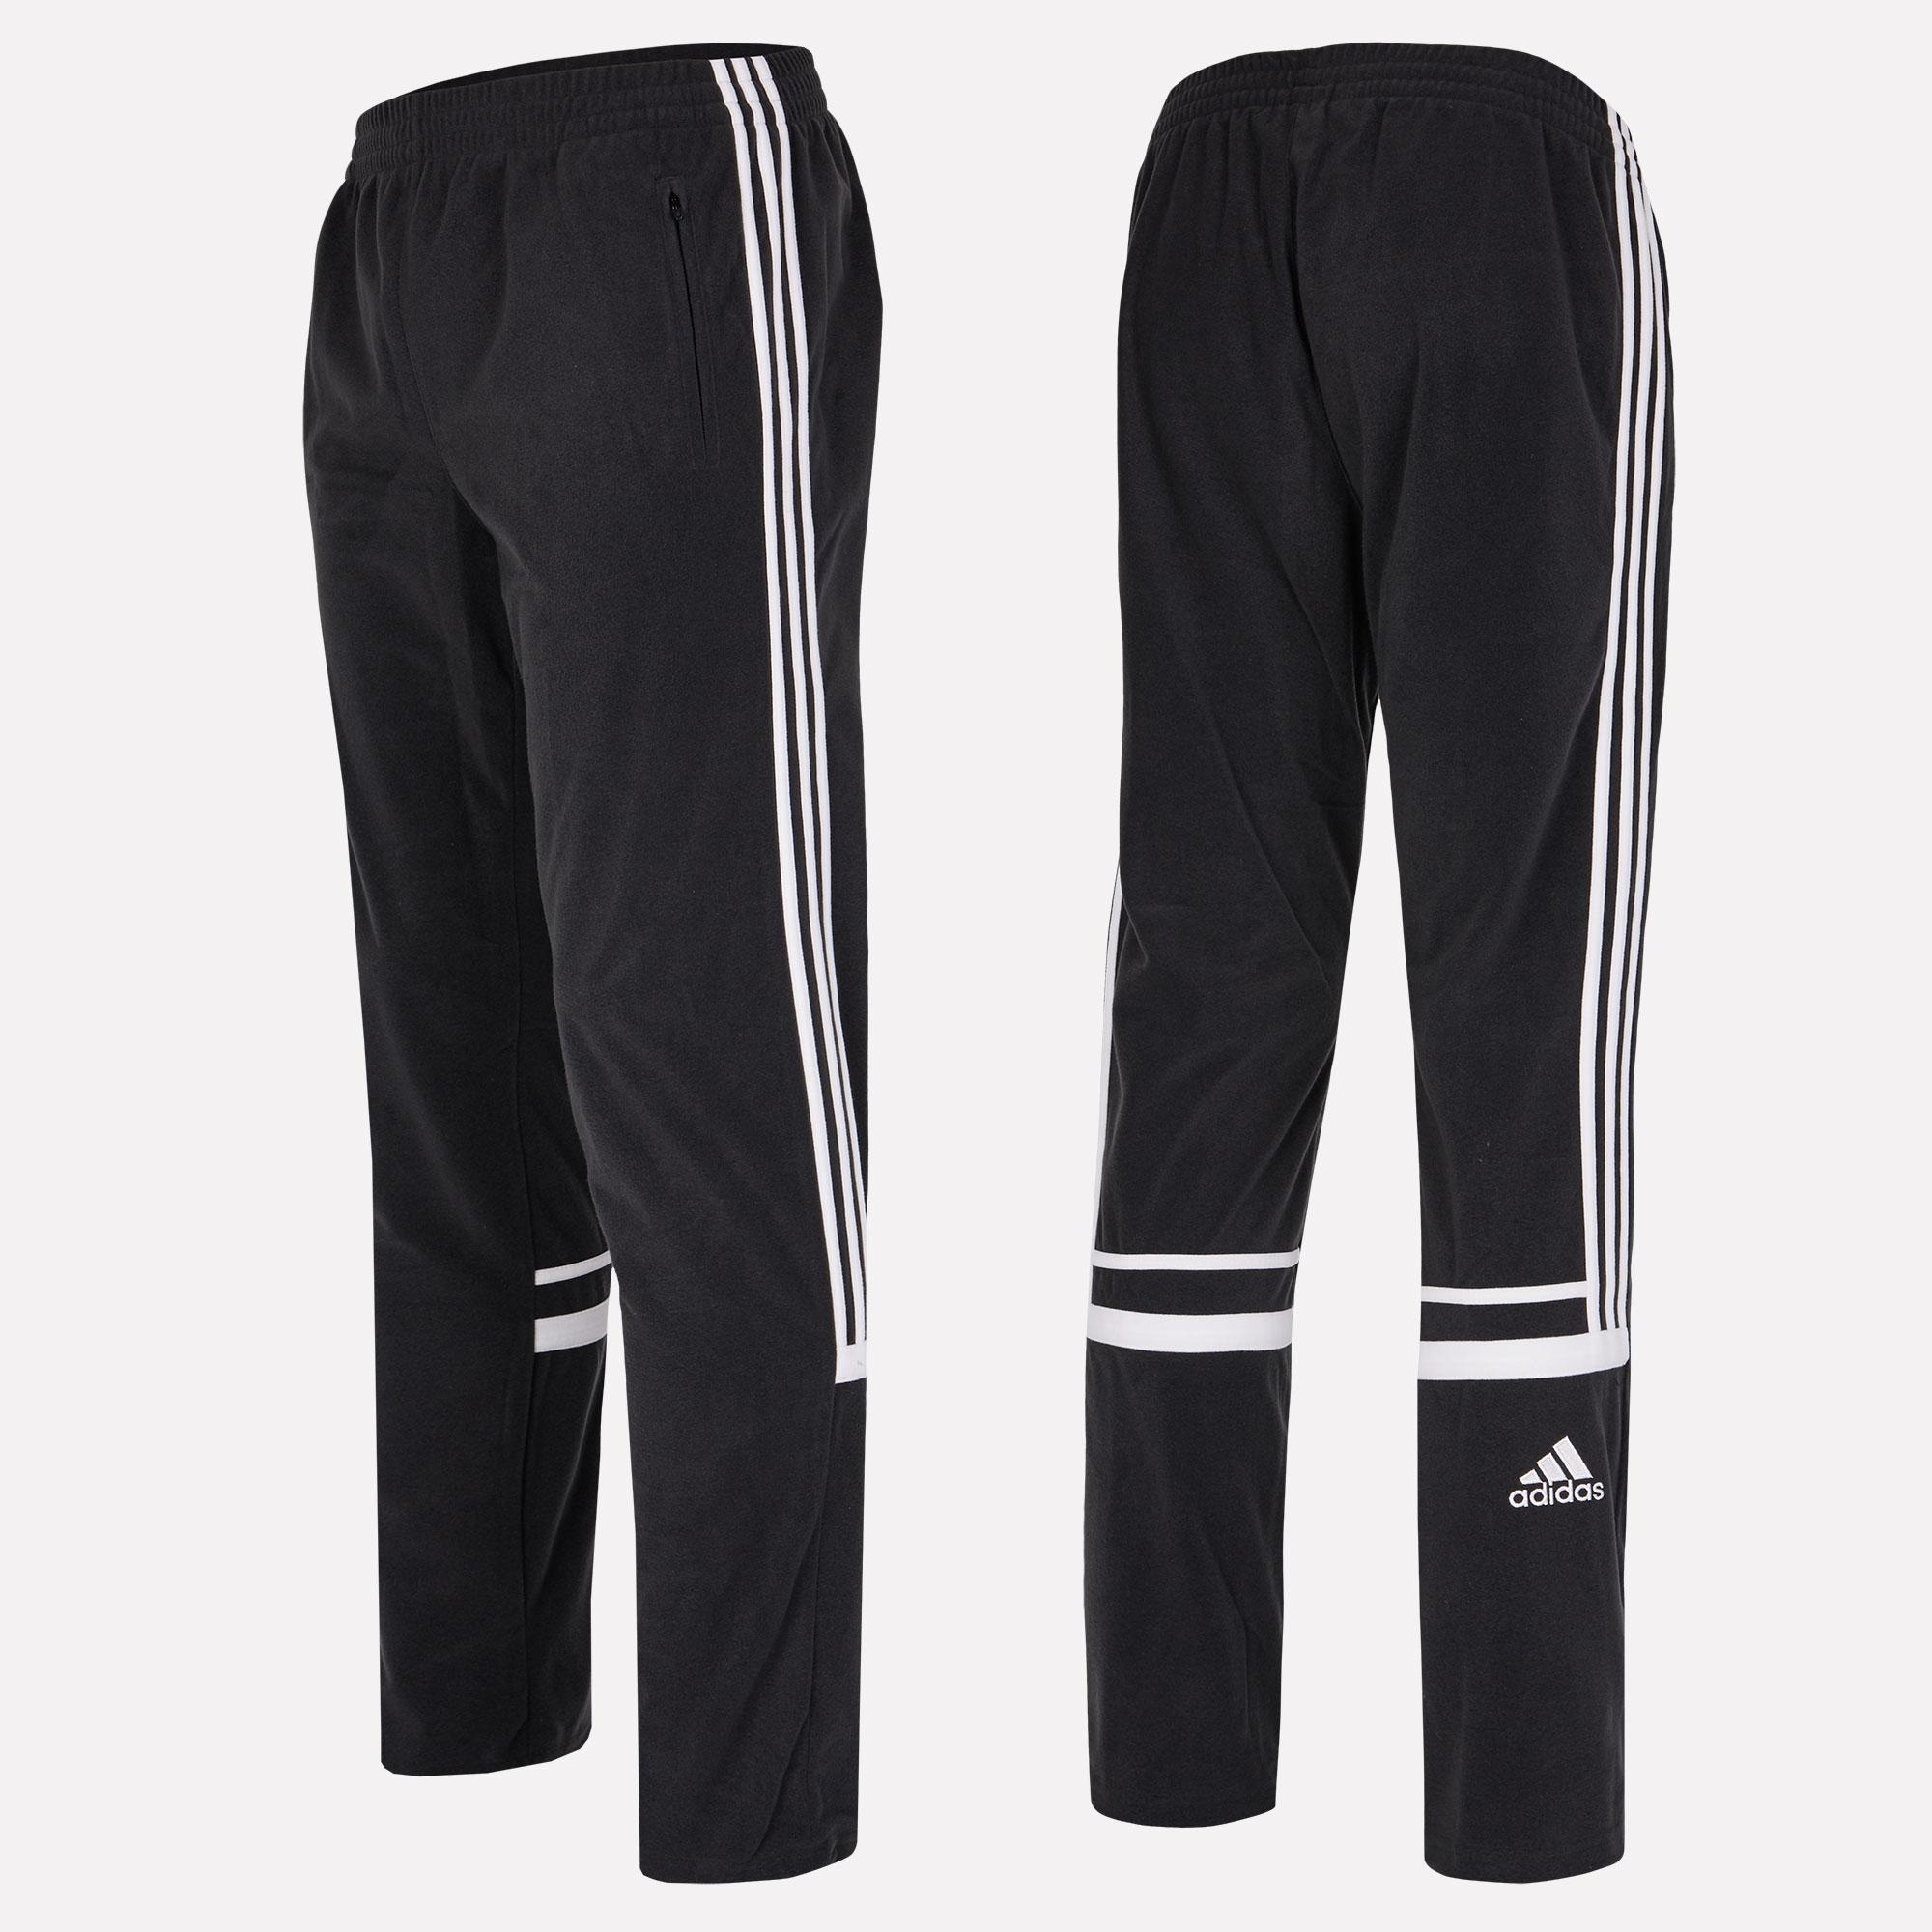 423746a32bd887 Adidas Challenger Pant Herren Kinder Trainingshose Jogginghose ...